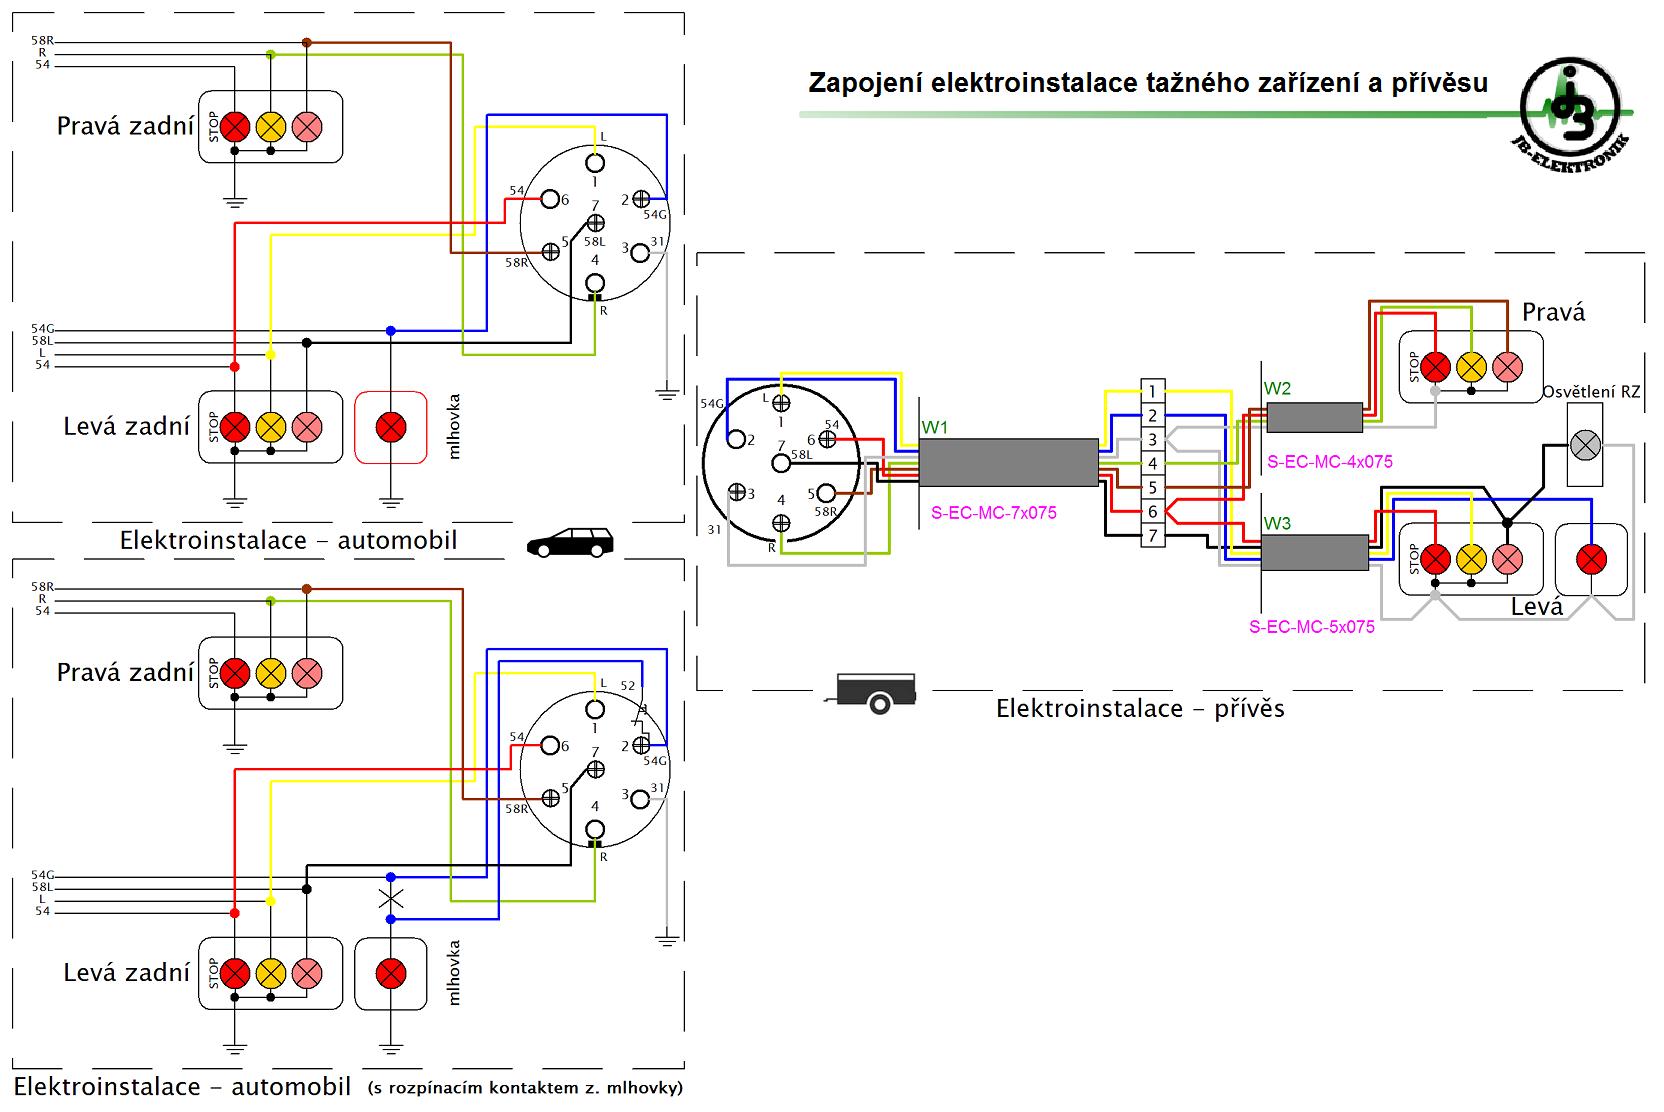 Jb Elektronik Zapojeni Zasuvky Tazneho Zarizeni